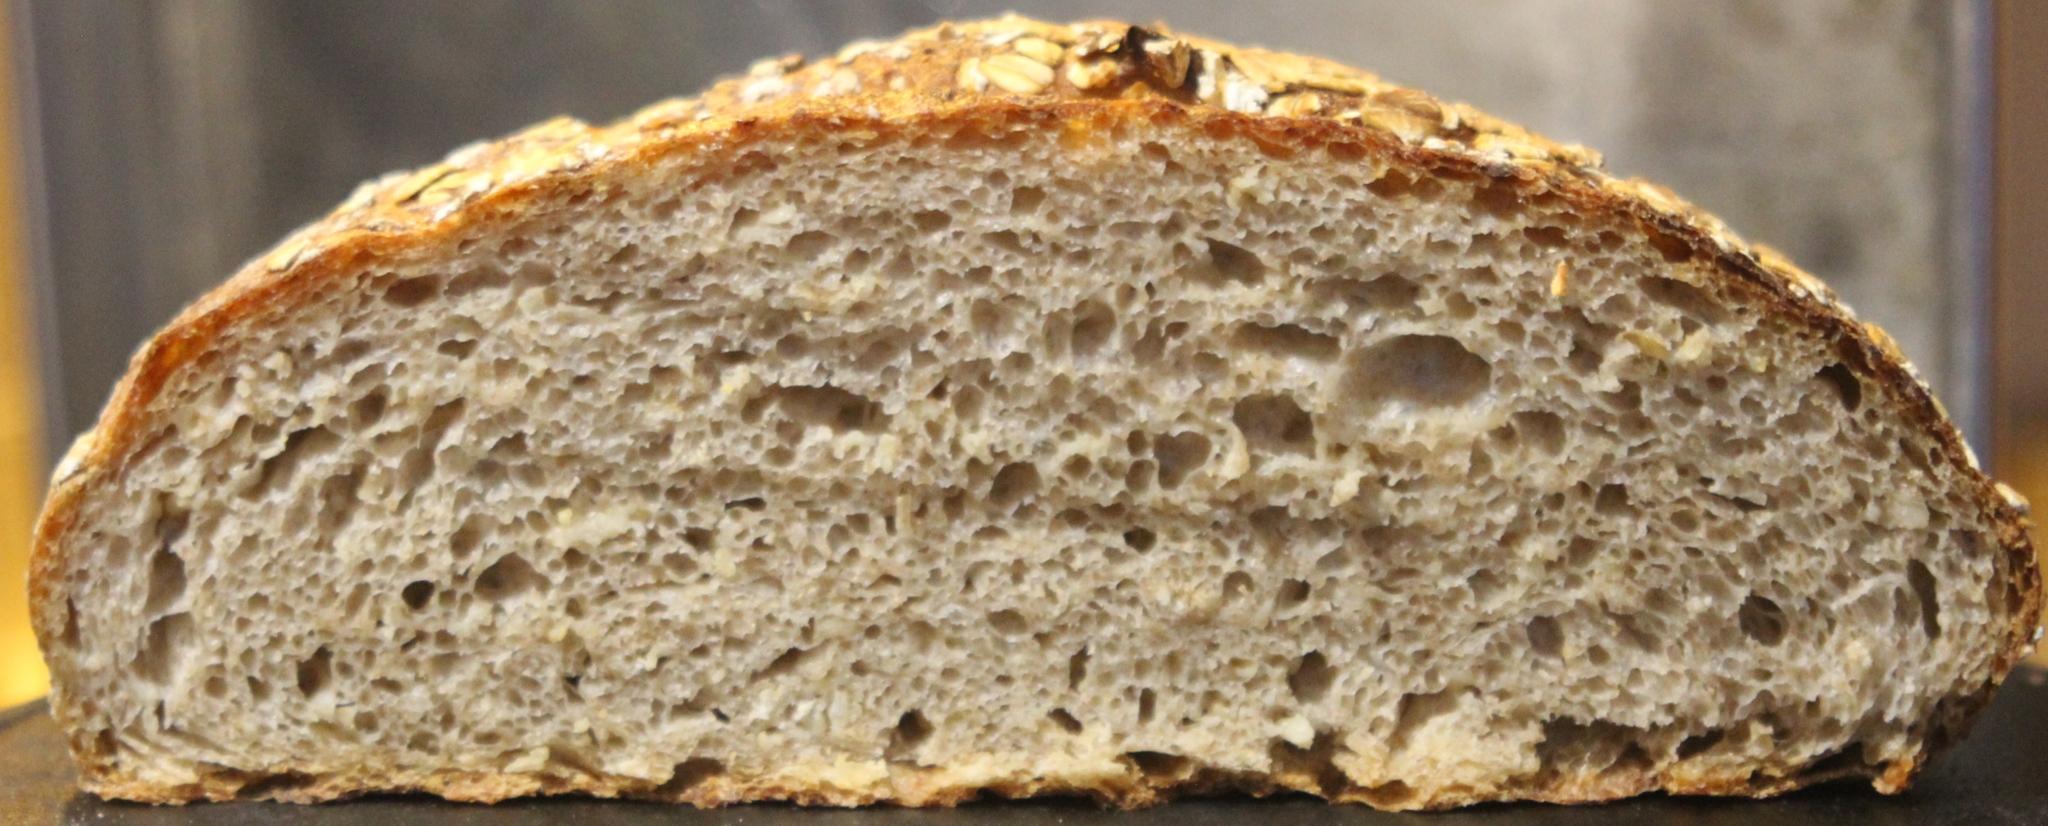 poolish crumb